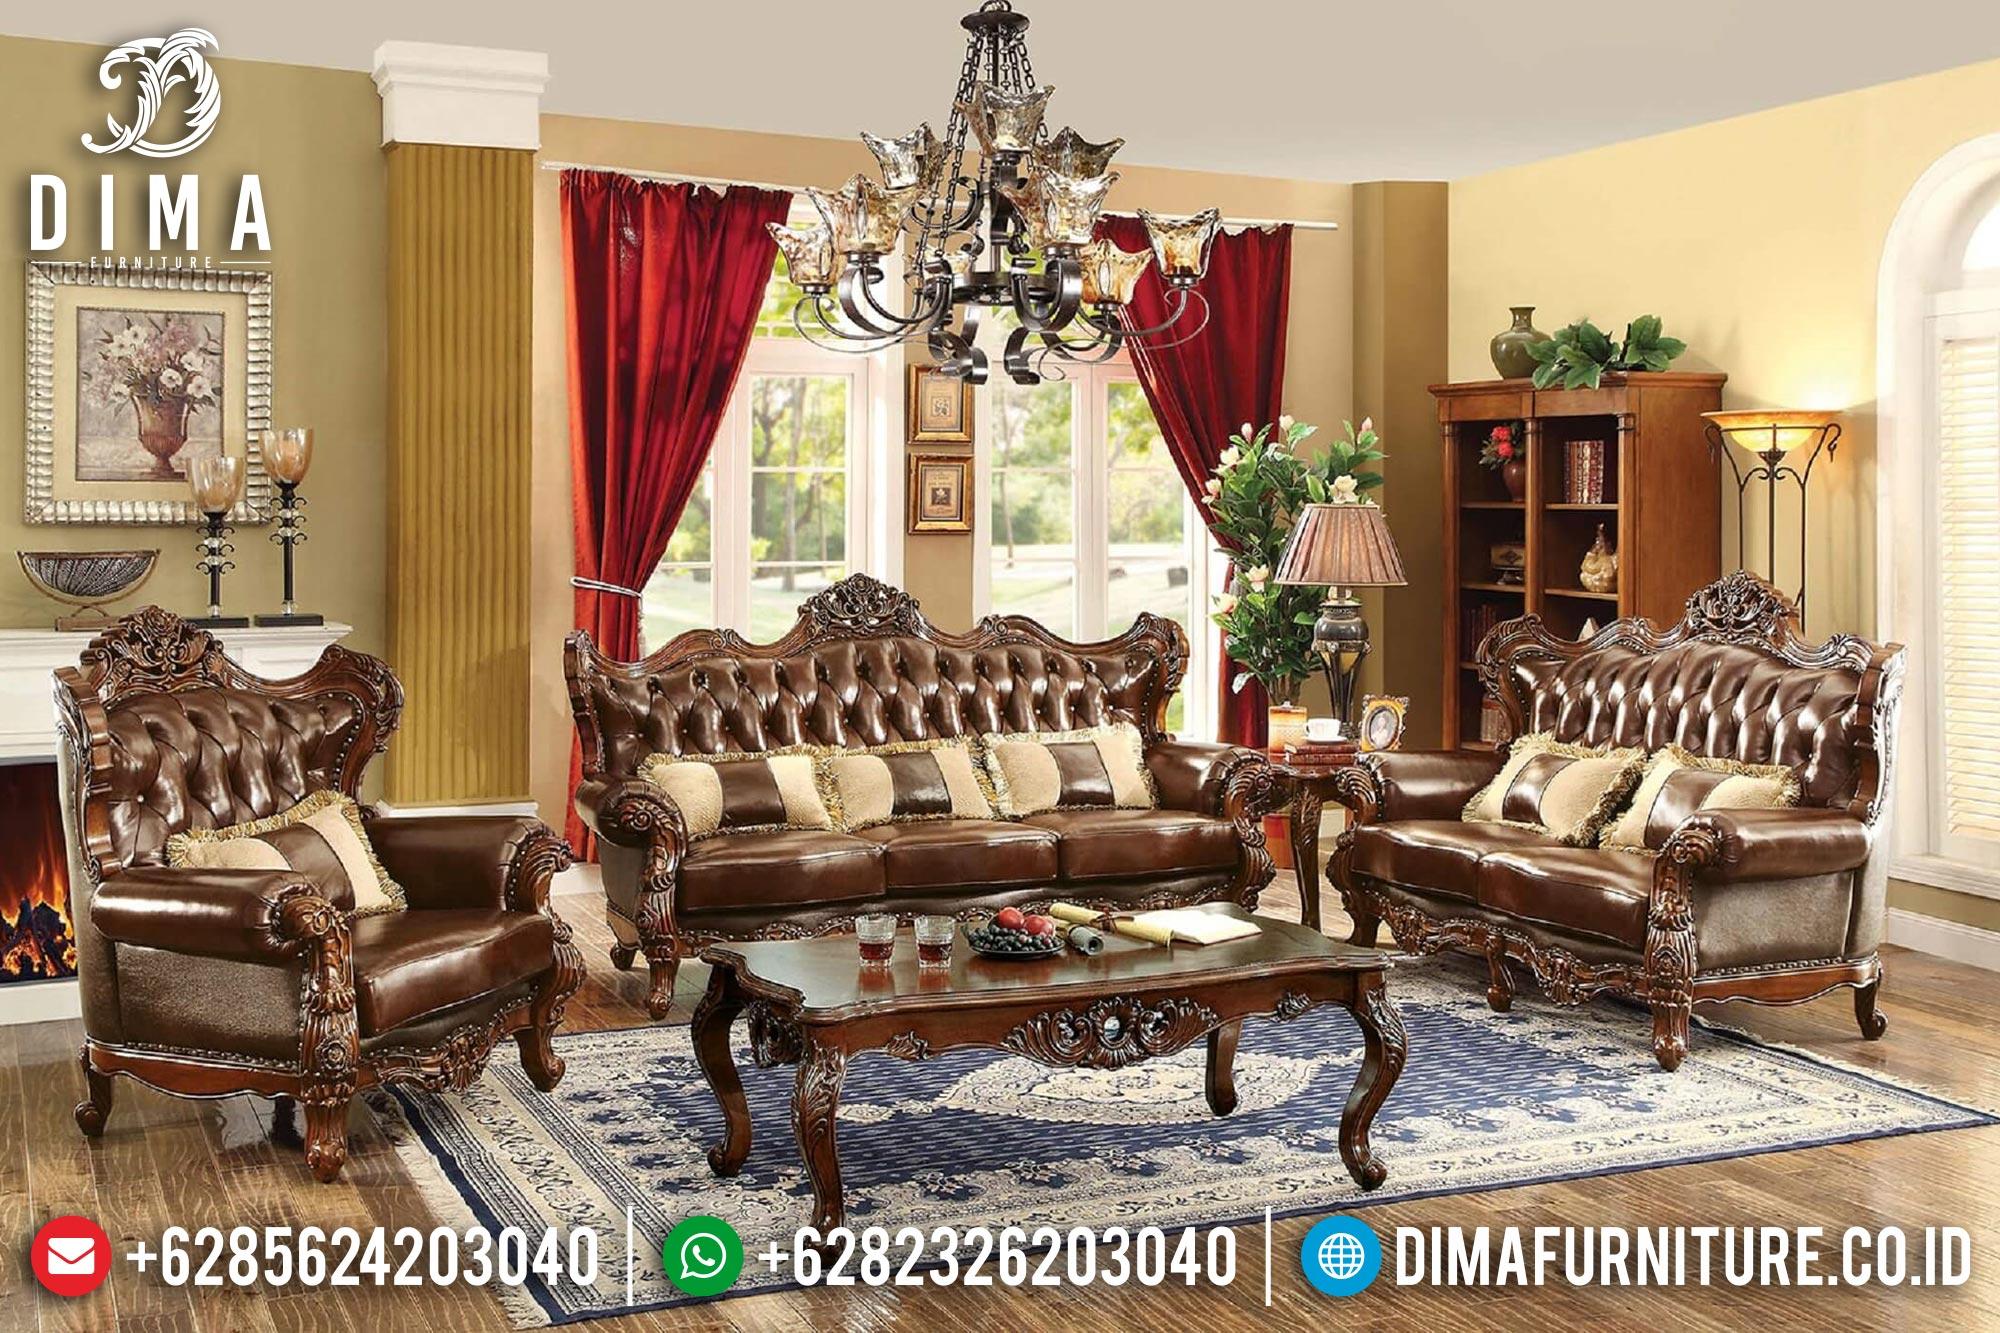 Sofa Kursi Tamu Jepara Mewah Jati Terbaru Jeriko ST-0393